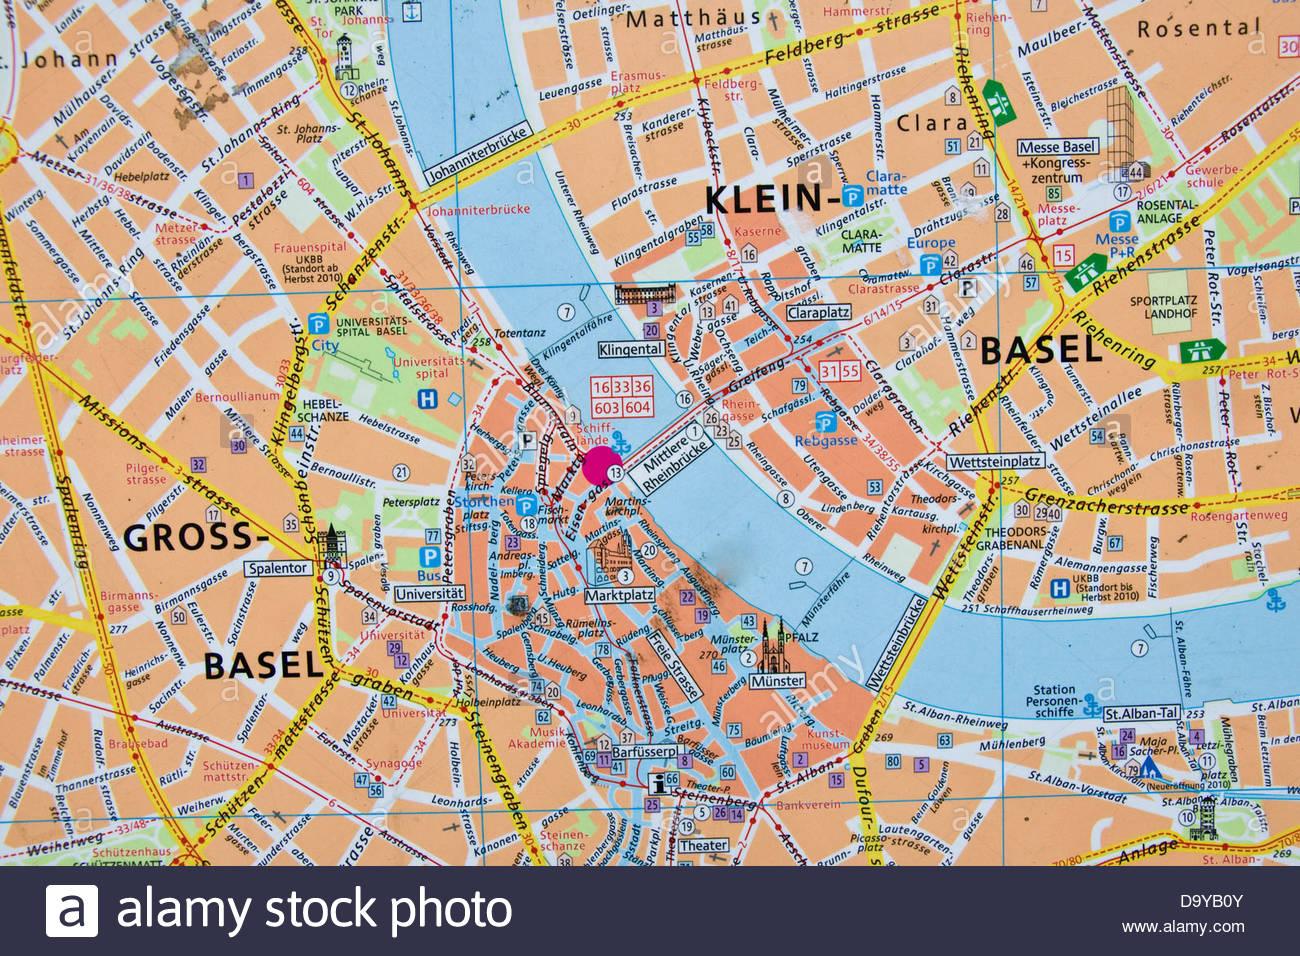 basel karte Die Innenstadt von Karte, Basel, Schweiz Stockfoto, Bild: 57764363  basel karte